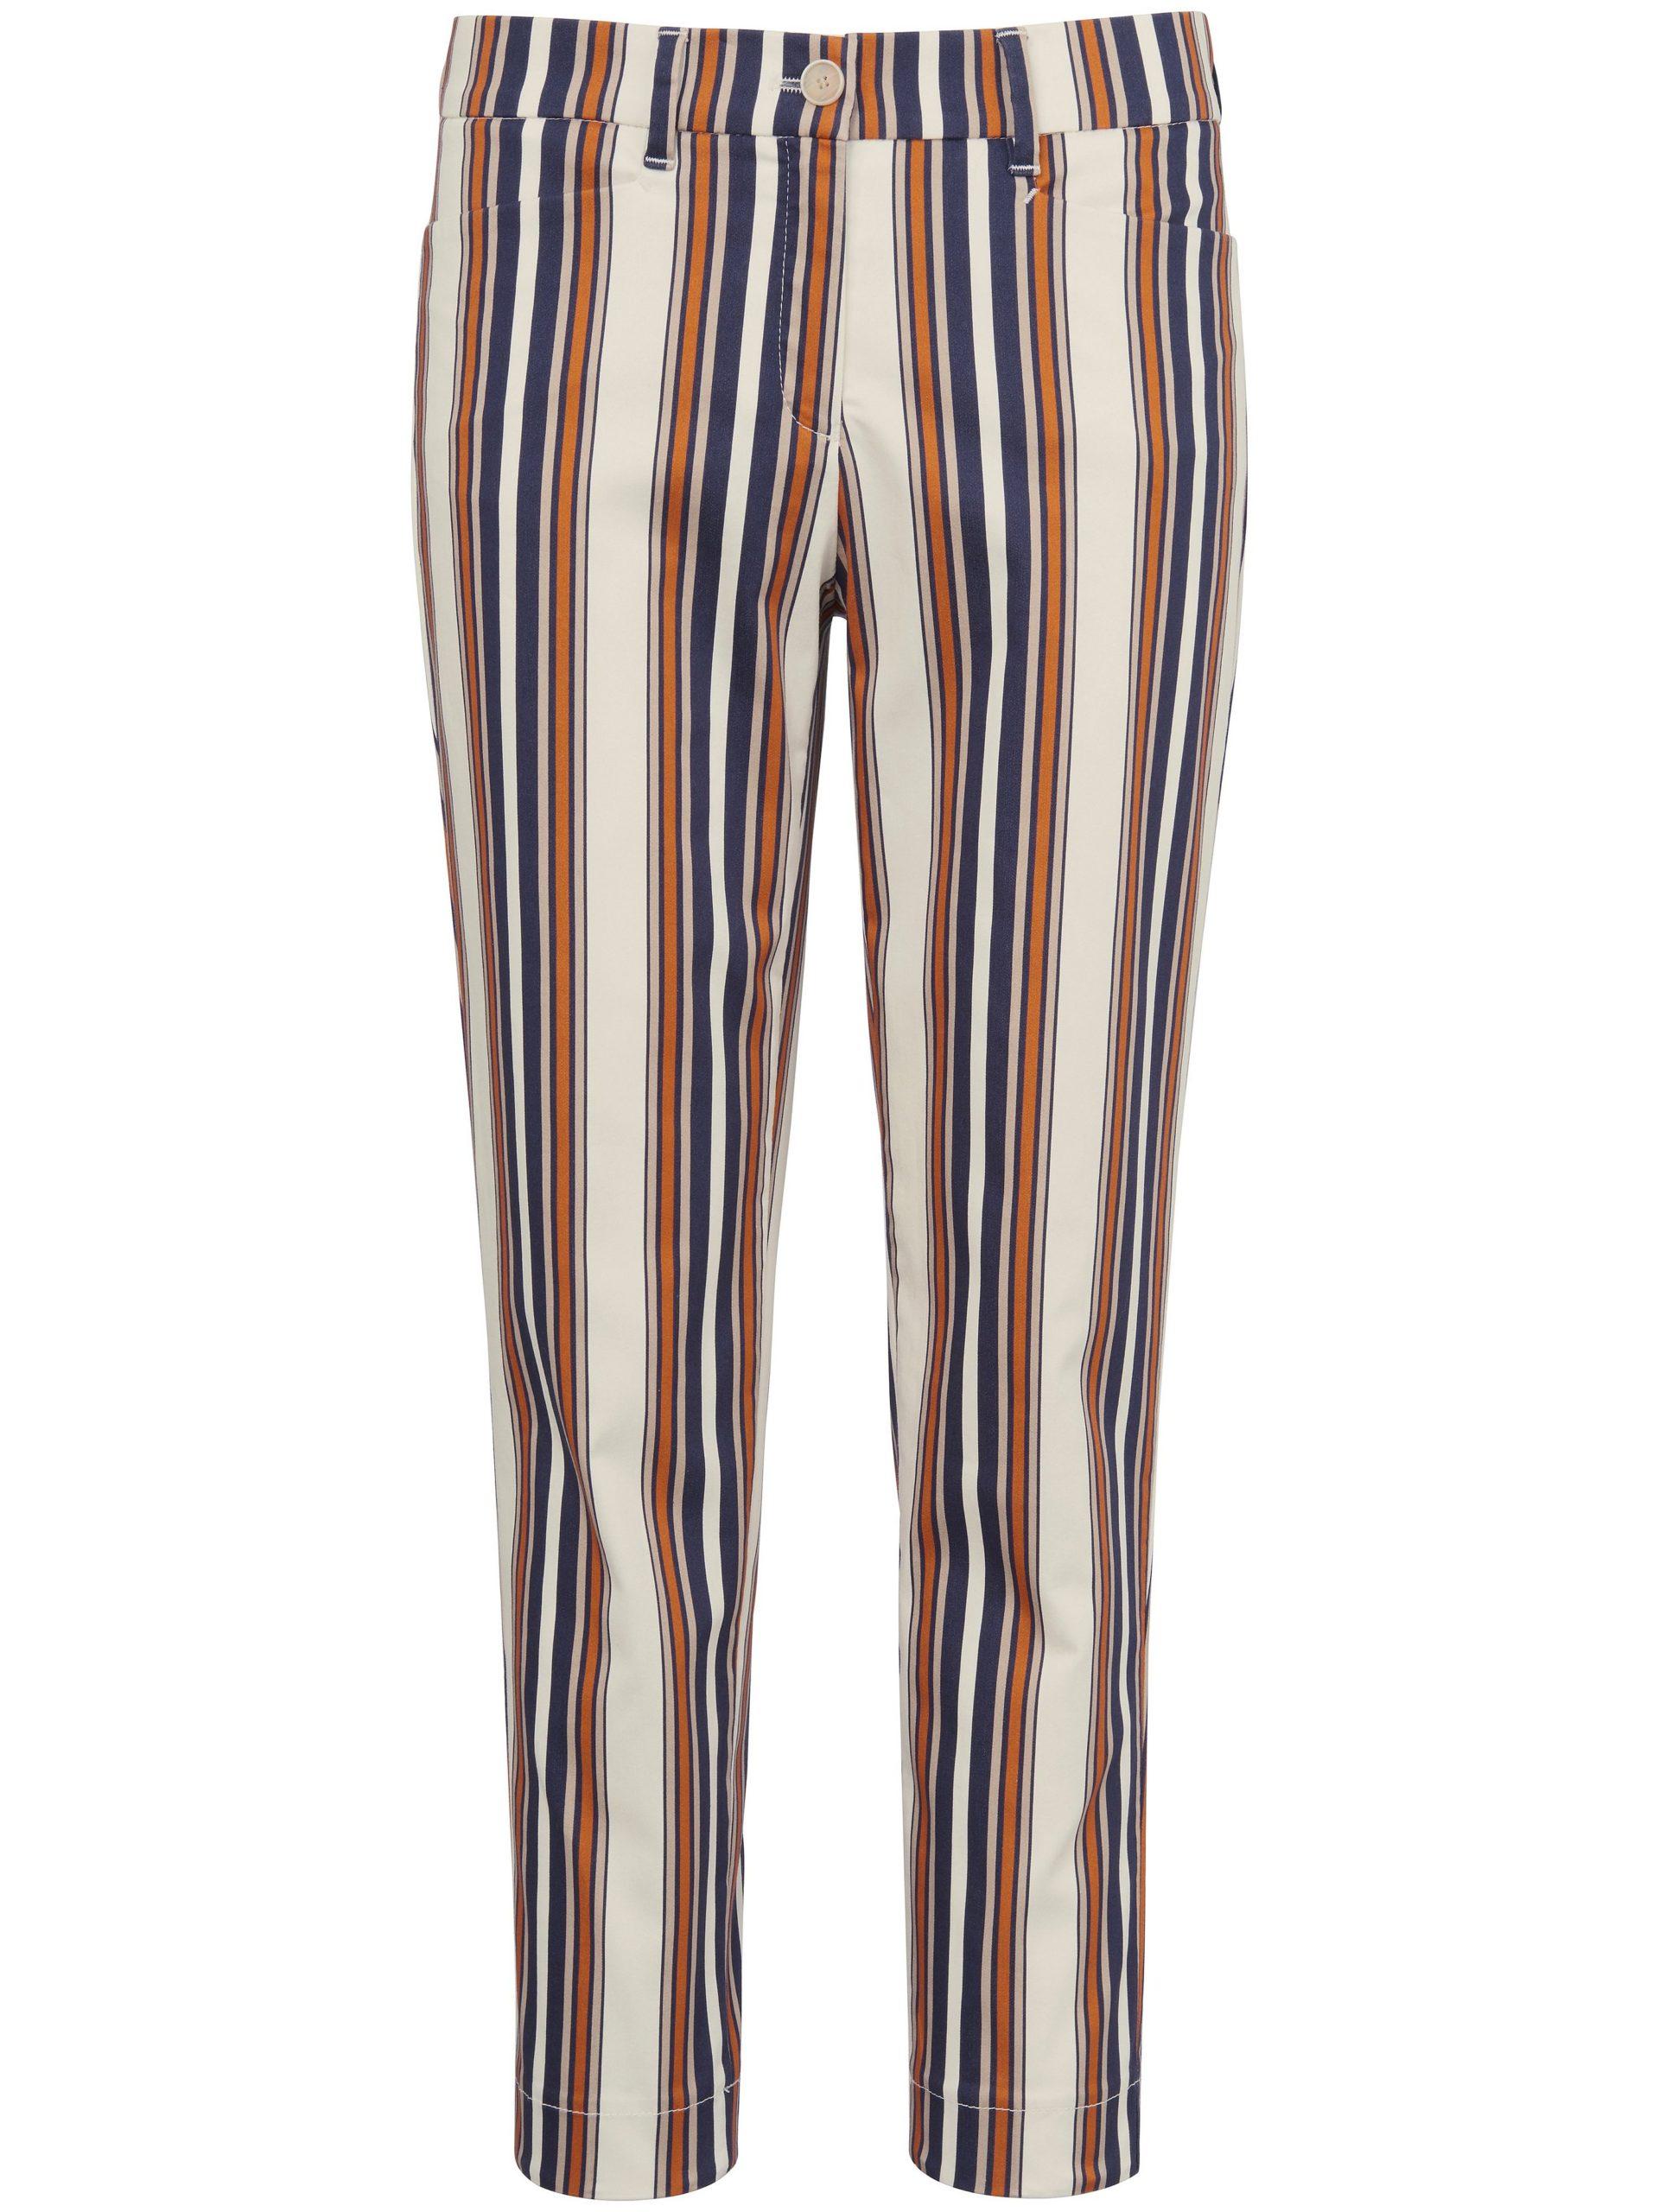 7/8-broek model Mara met pasvorm Slim Fit Van Brax Feel Good multicolour Kopen